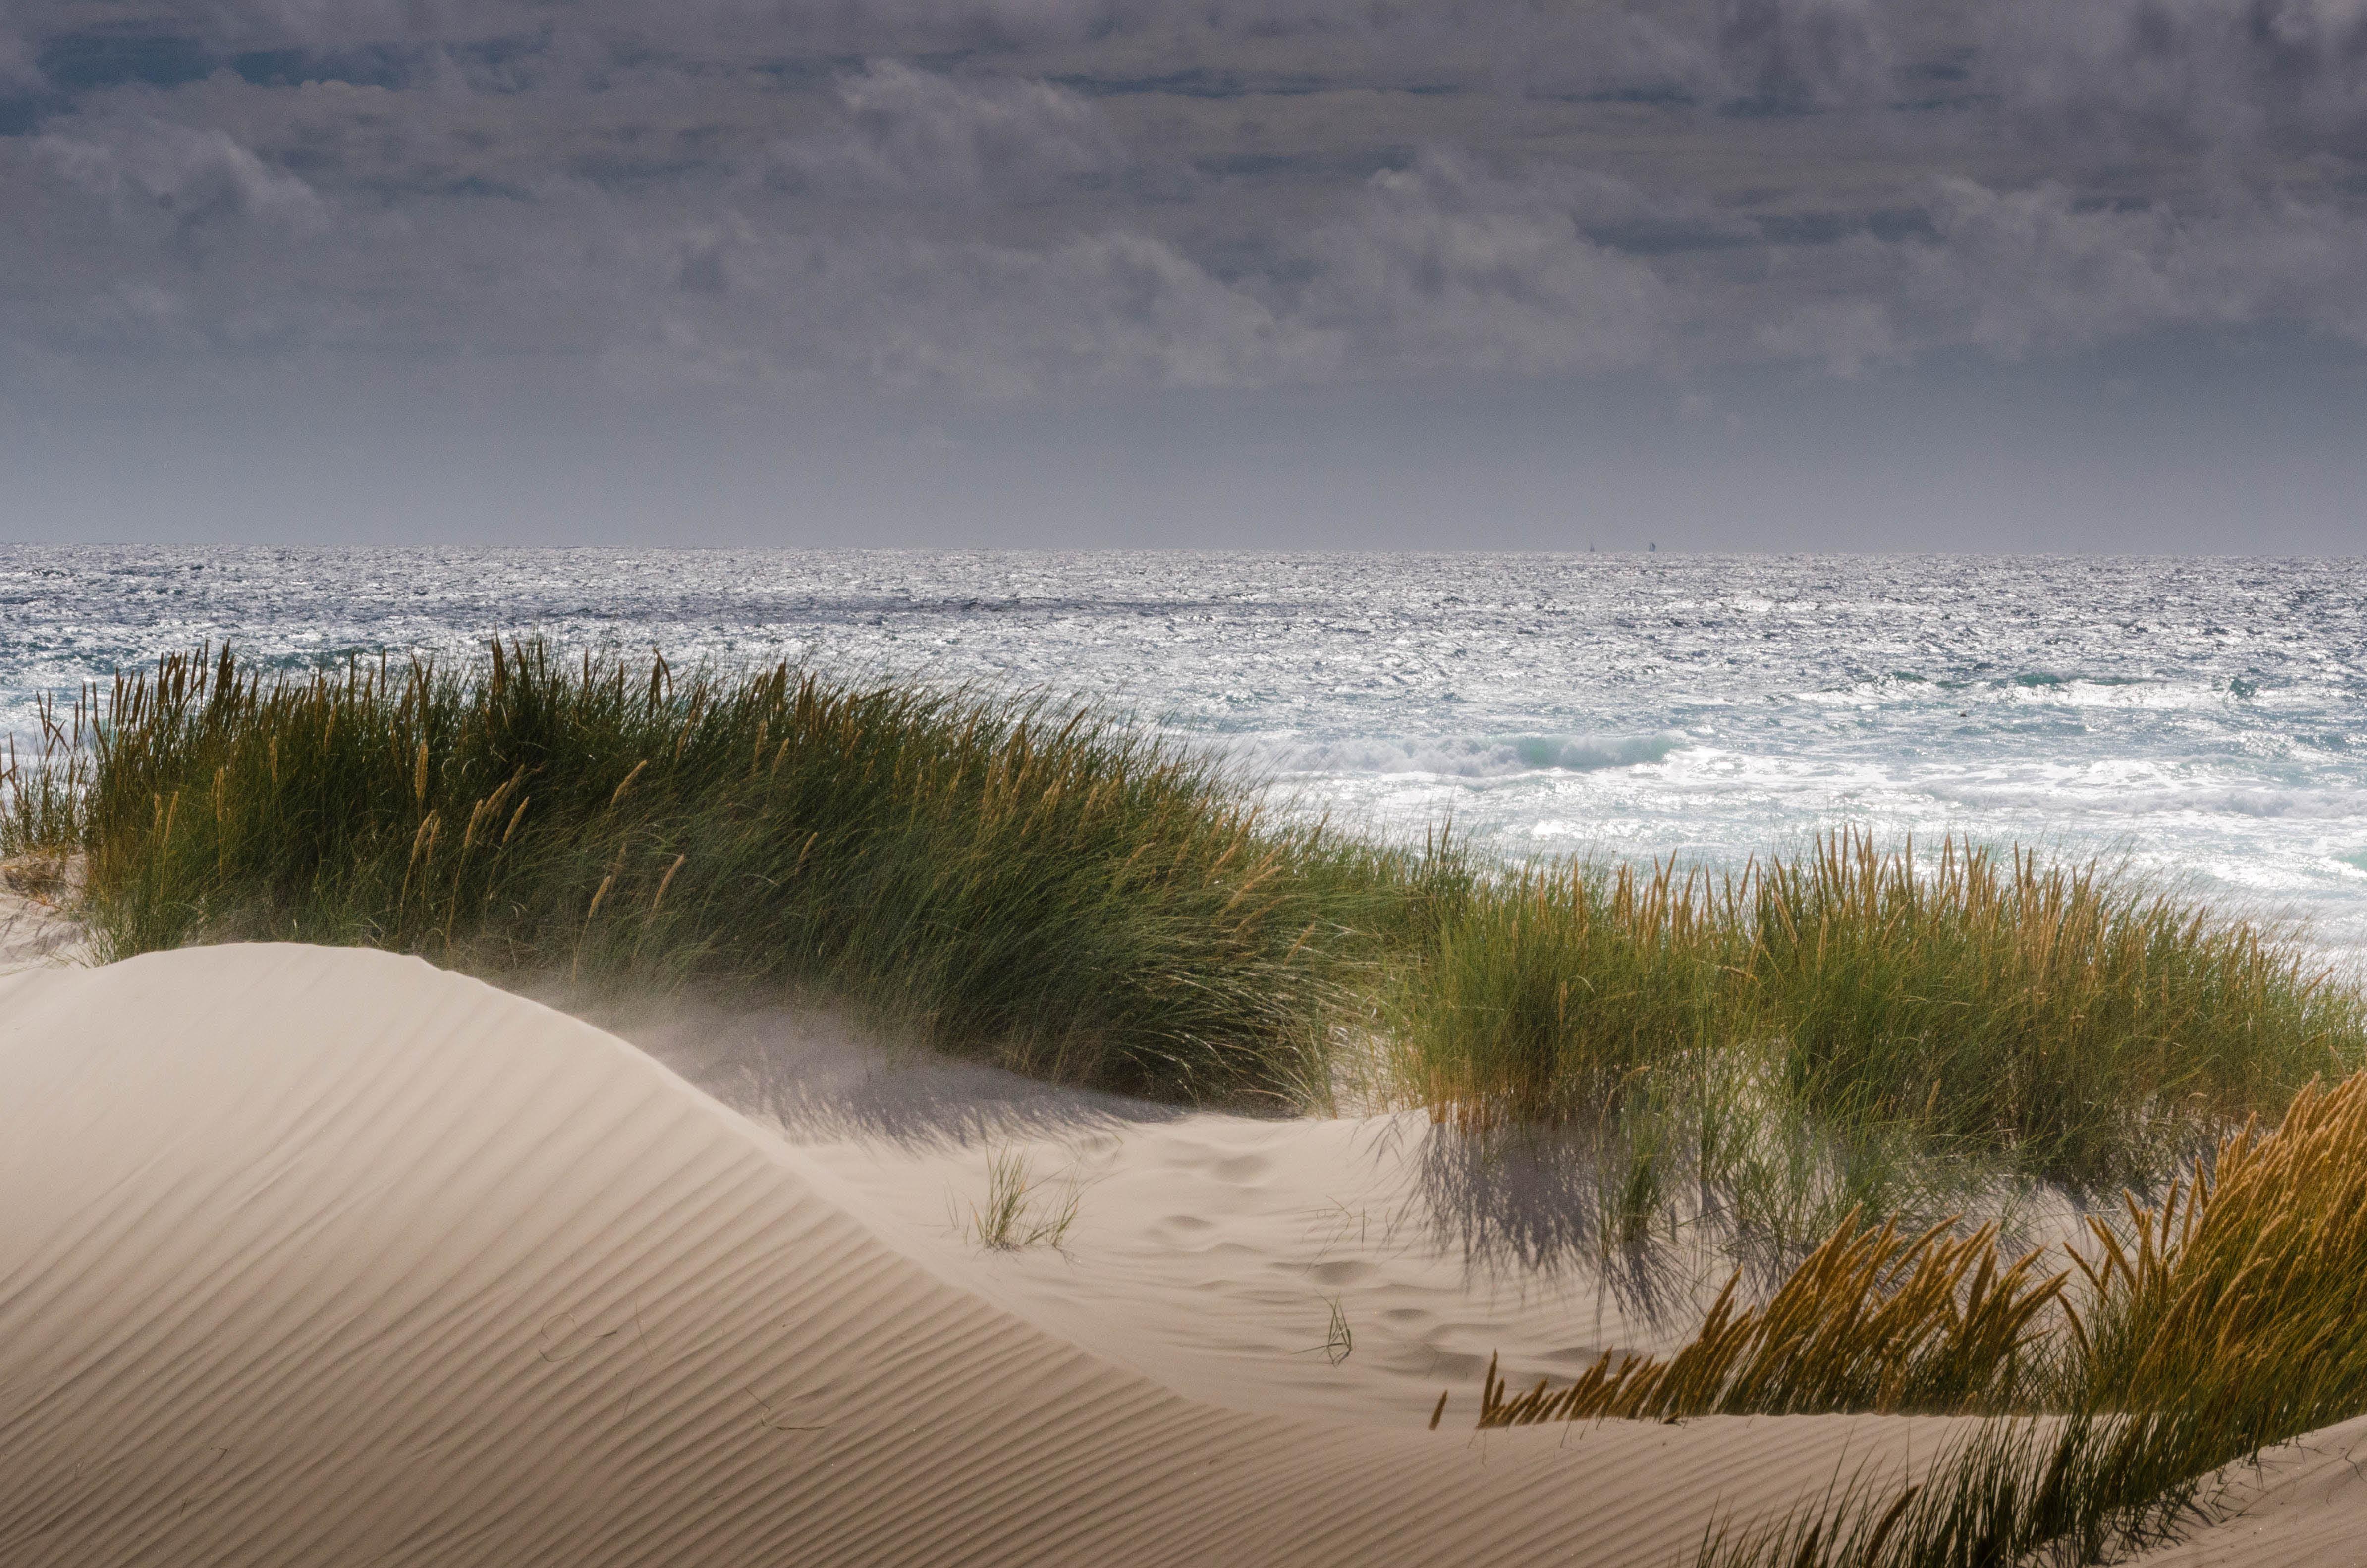 Fond D Ecran Mer Mer Paysage Marin Nikon Dune Bretagne Paysage Plage D7000 Elementsorganizer Un Photographe Vigilant 4777x3165 974519 Fond D Ecran Wallhere